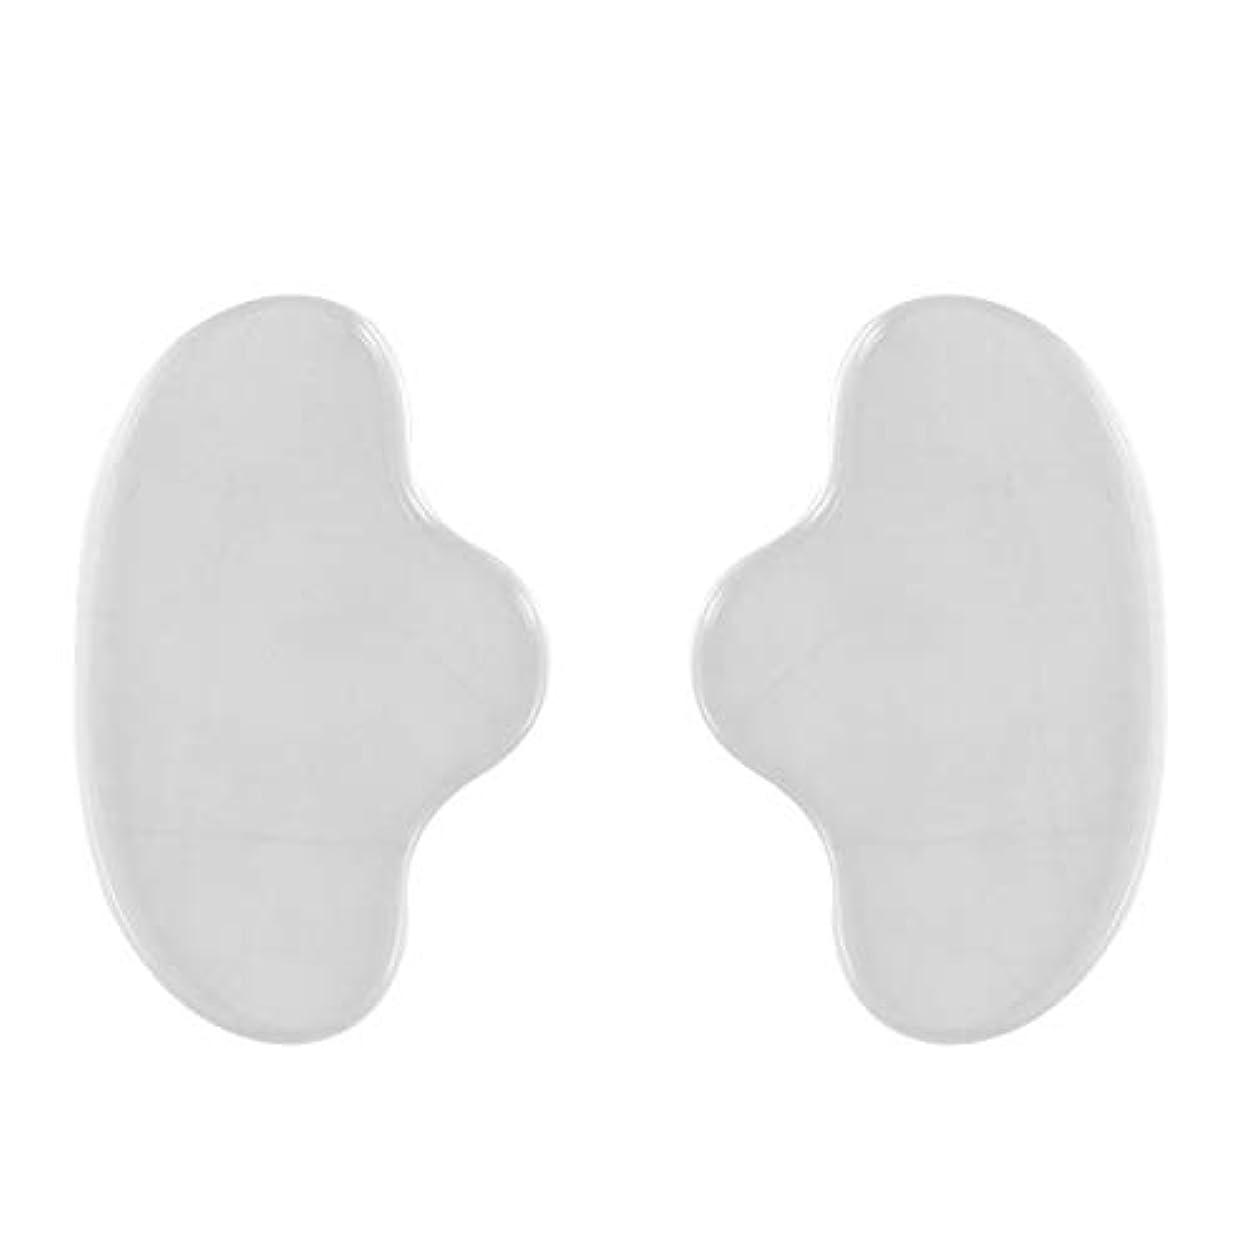 放射性並外れた集中的なHealiftyシリコンフェイシャルチンマスクフェイスパッドシワ防止リムーバーパッチ再利用可能な見えないパッド防止フェイスシワ2個